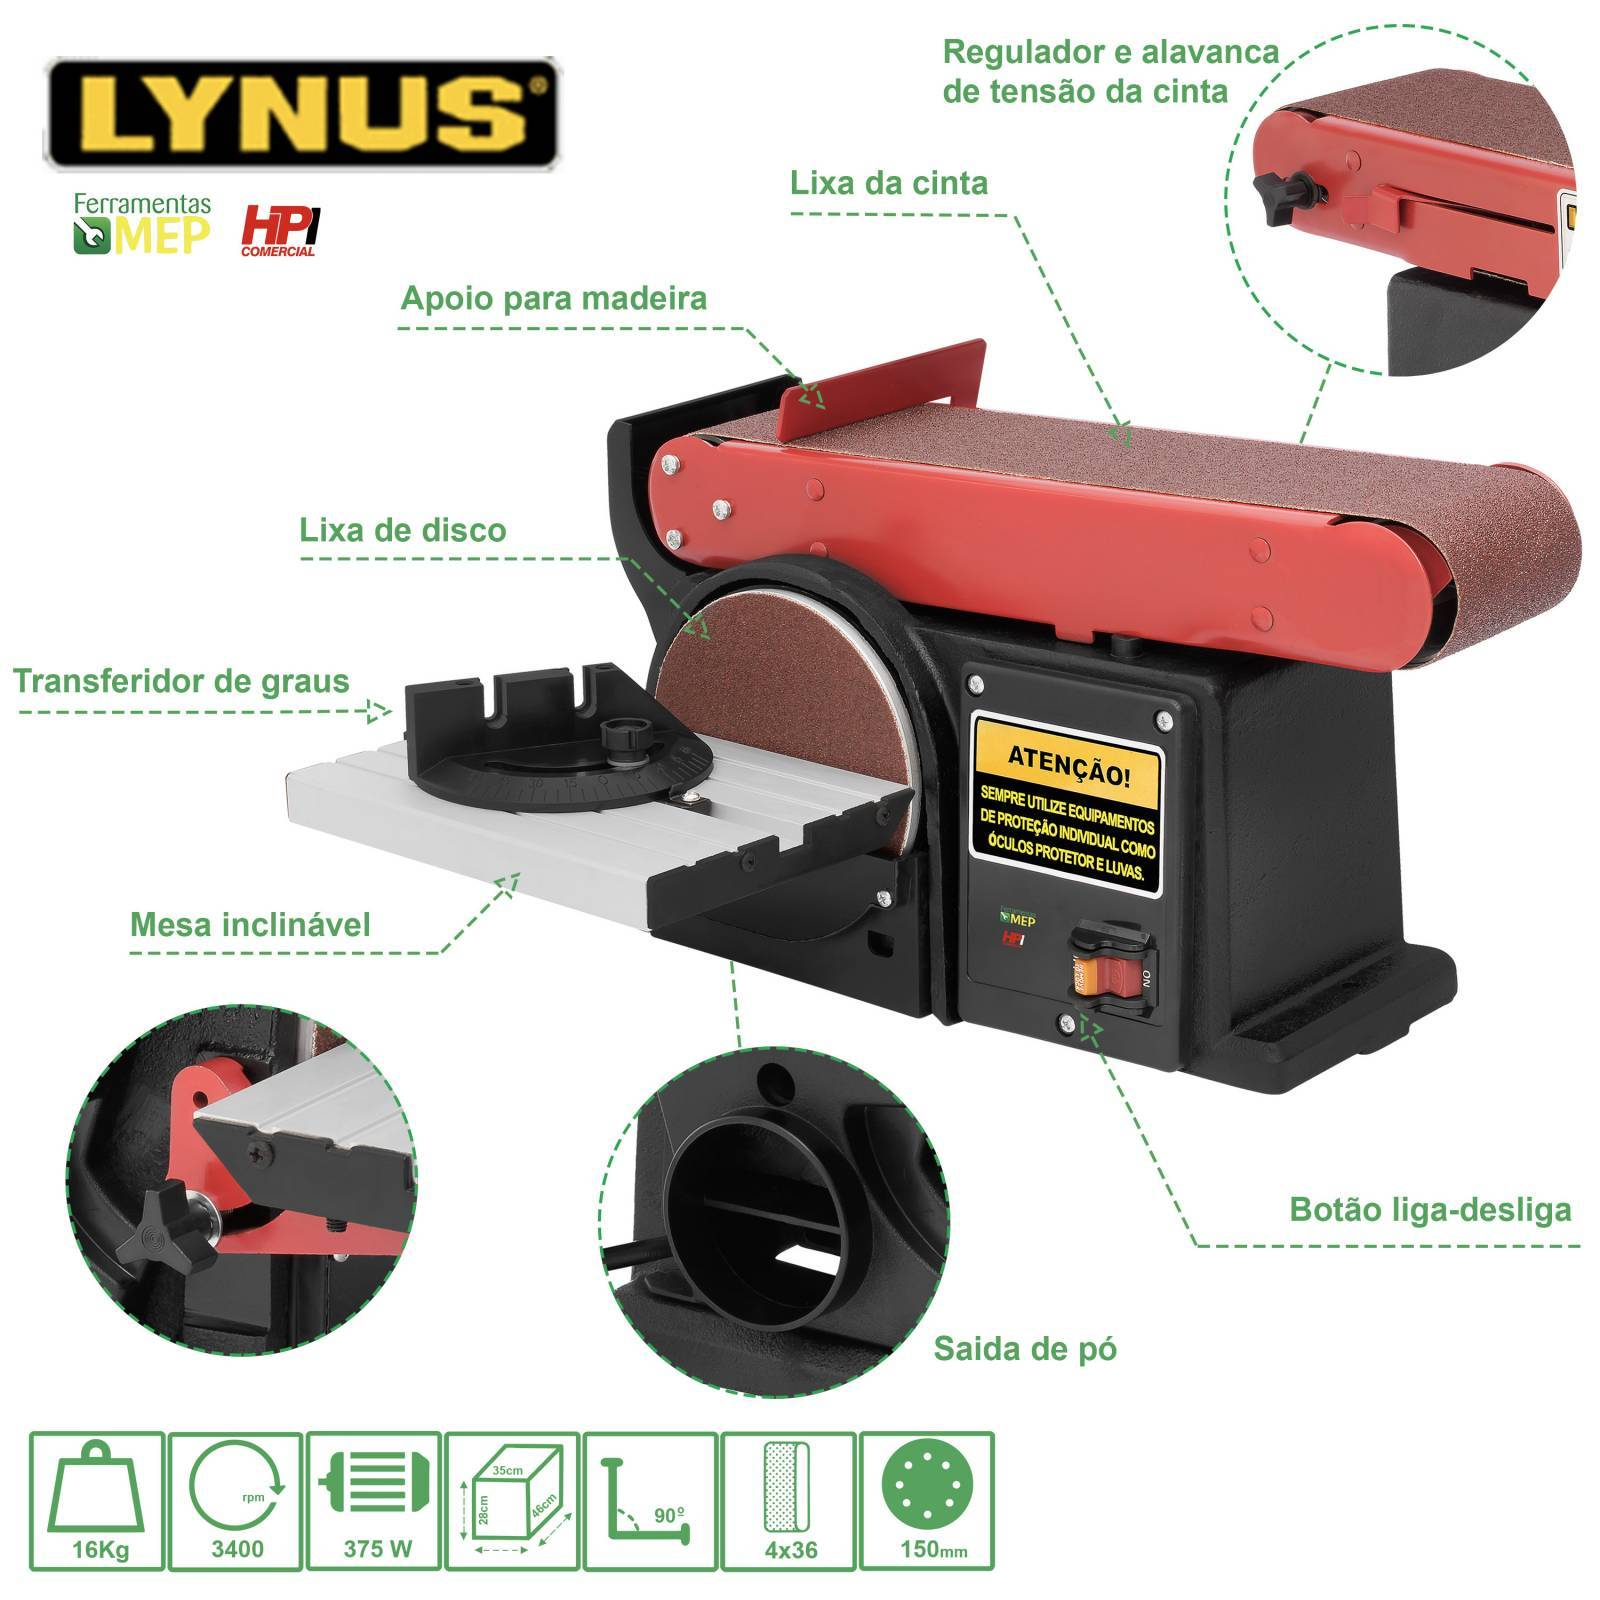 Lixadeira Combinada de Bancada Cinta E Disco Lynus Lb1 - Ferramentas MEP